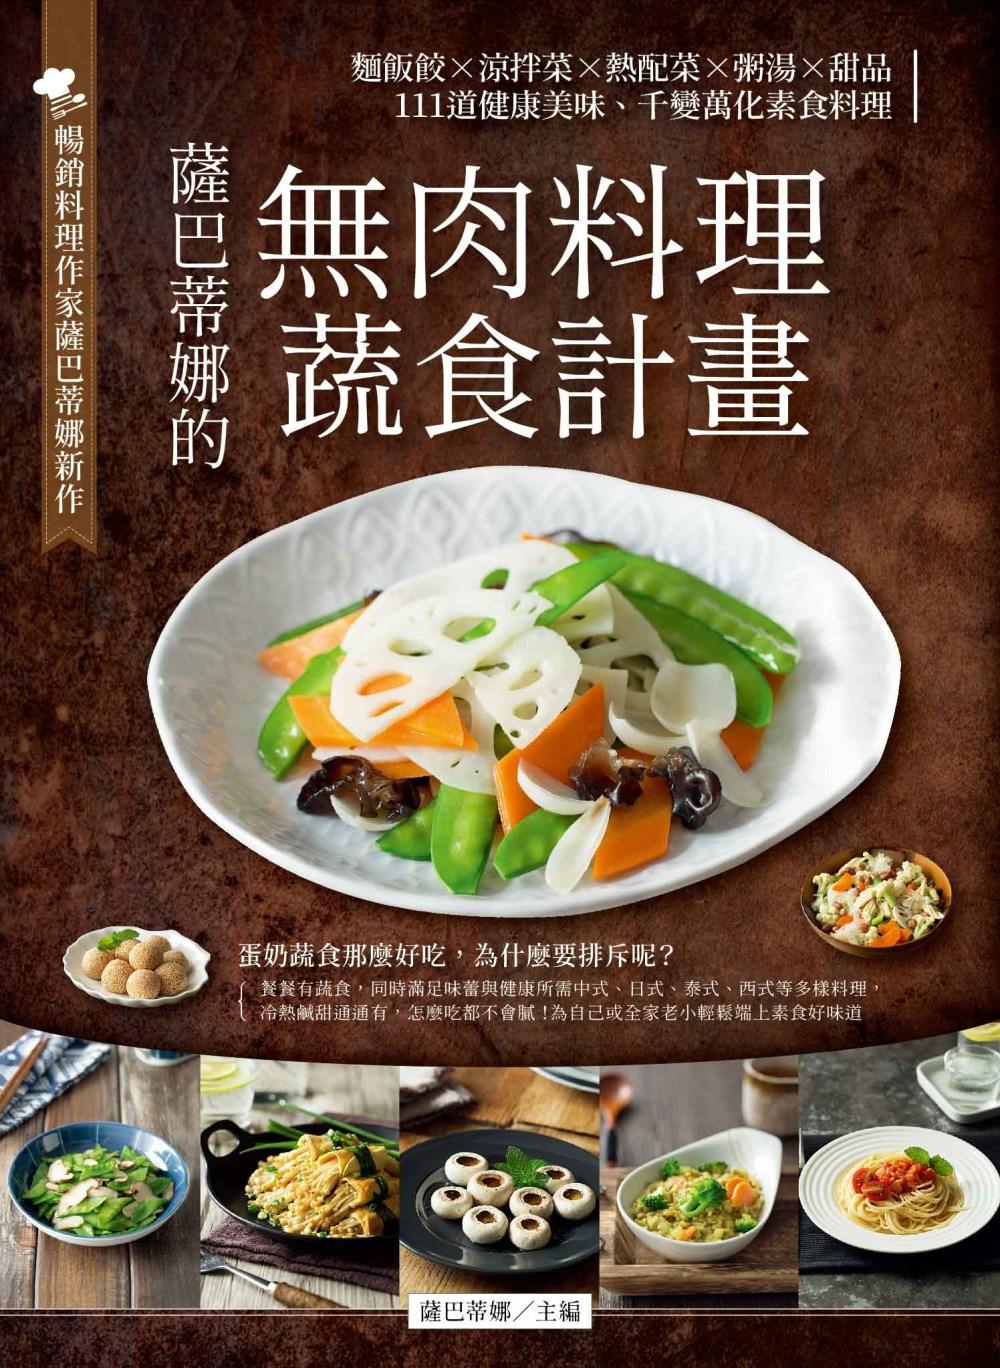 薩巴蒂娜的 無肉料理蔬食計畫:麵飯餃╳涼拌菜╳熱配菜╳粥湯╳甜品,111道健康美味、千變萬化蔬食料理